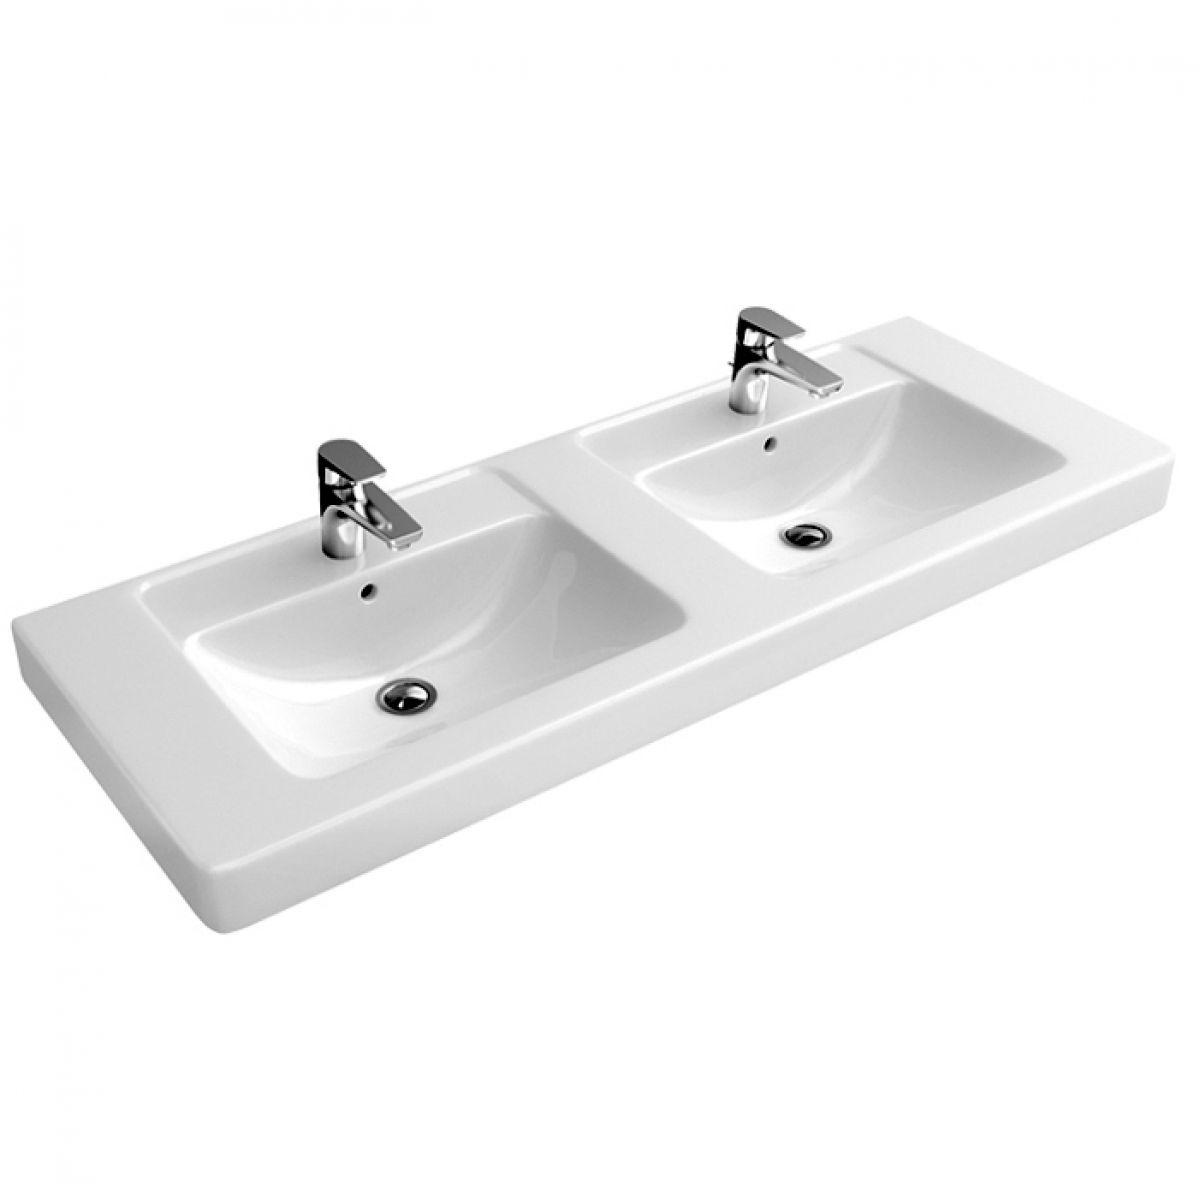 Abacus Simple Double Bathroom Basin 130cm